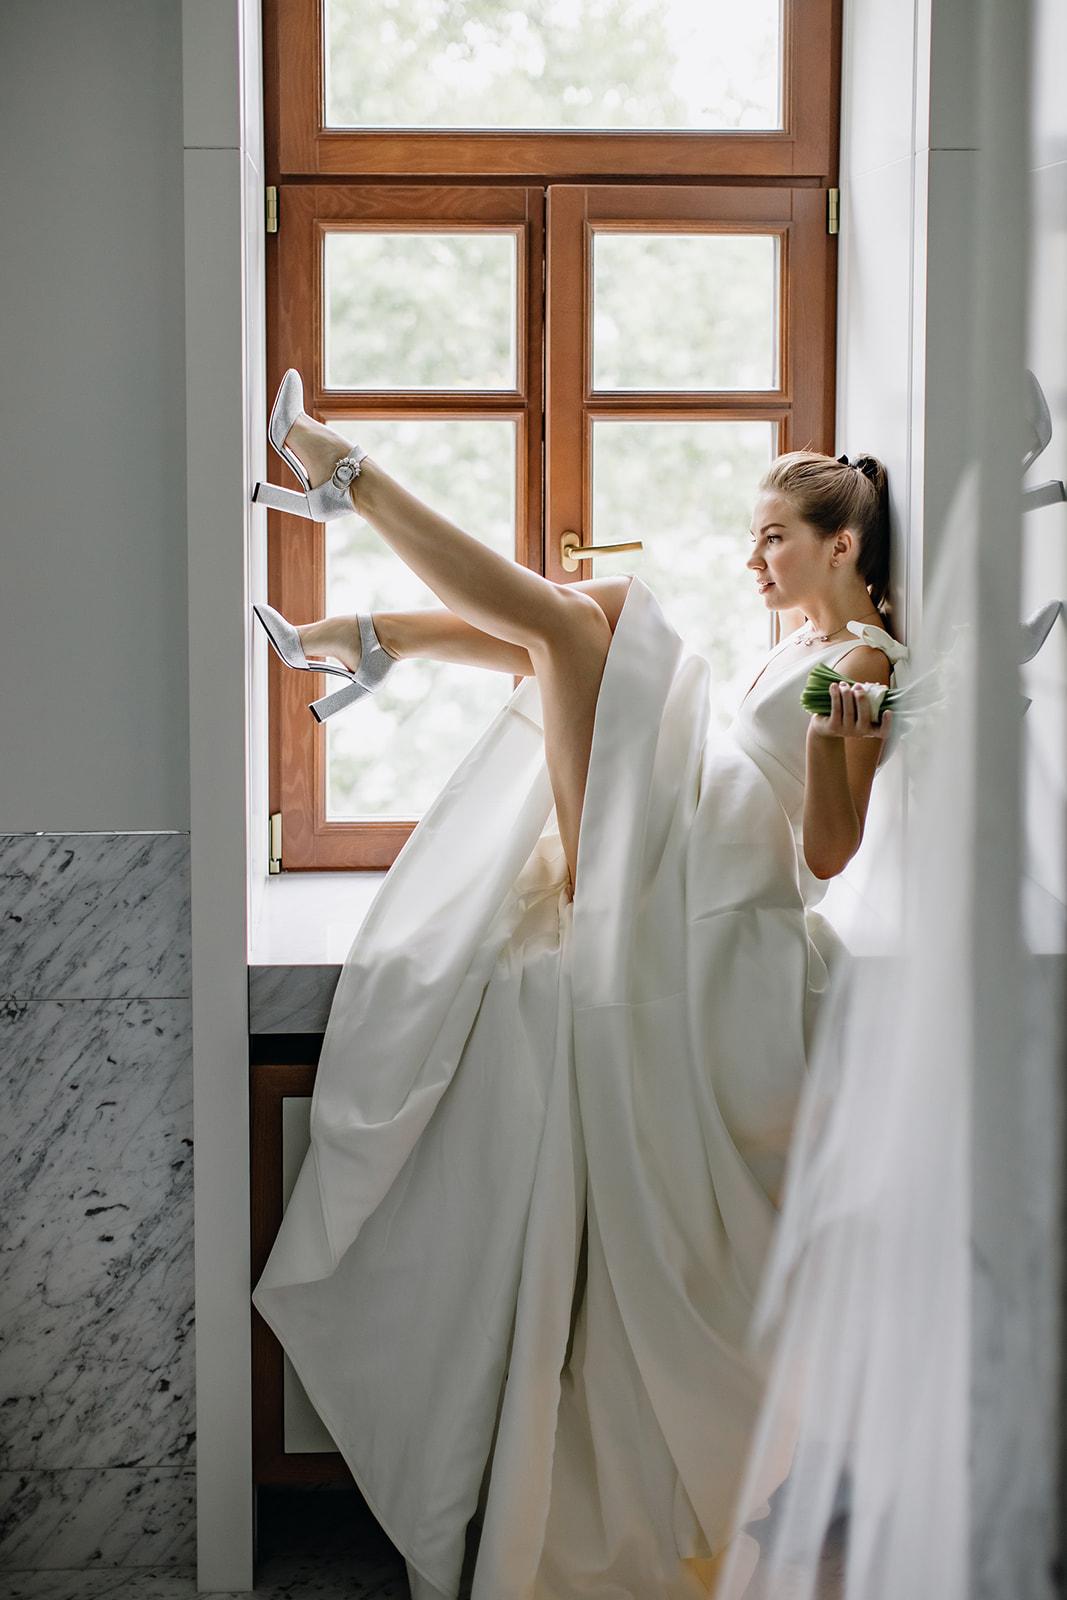 Утро невесты. Фотограф Арсений Прусаков